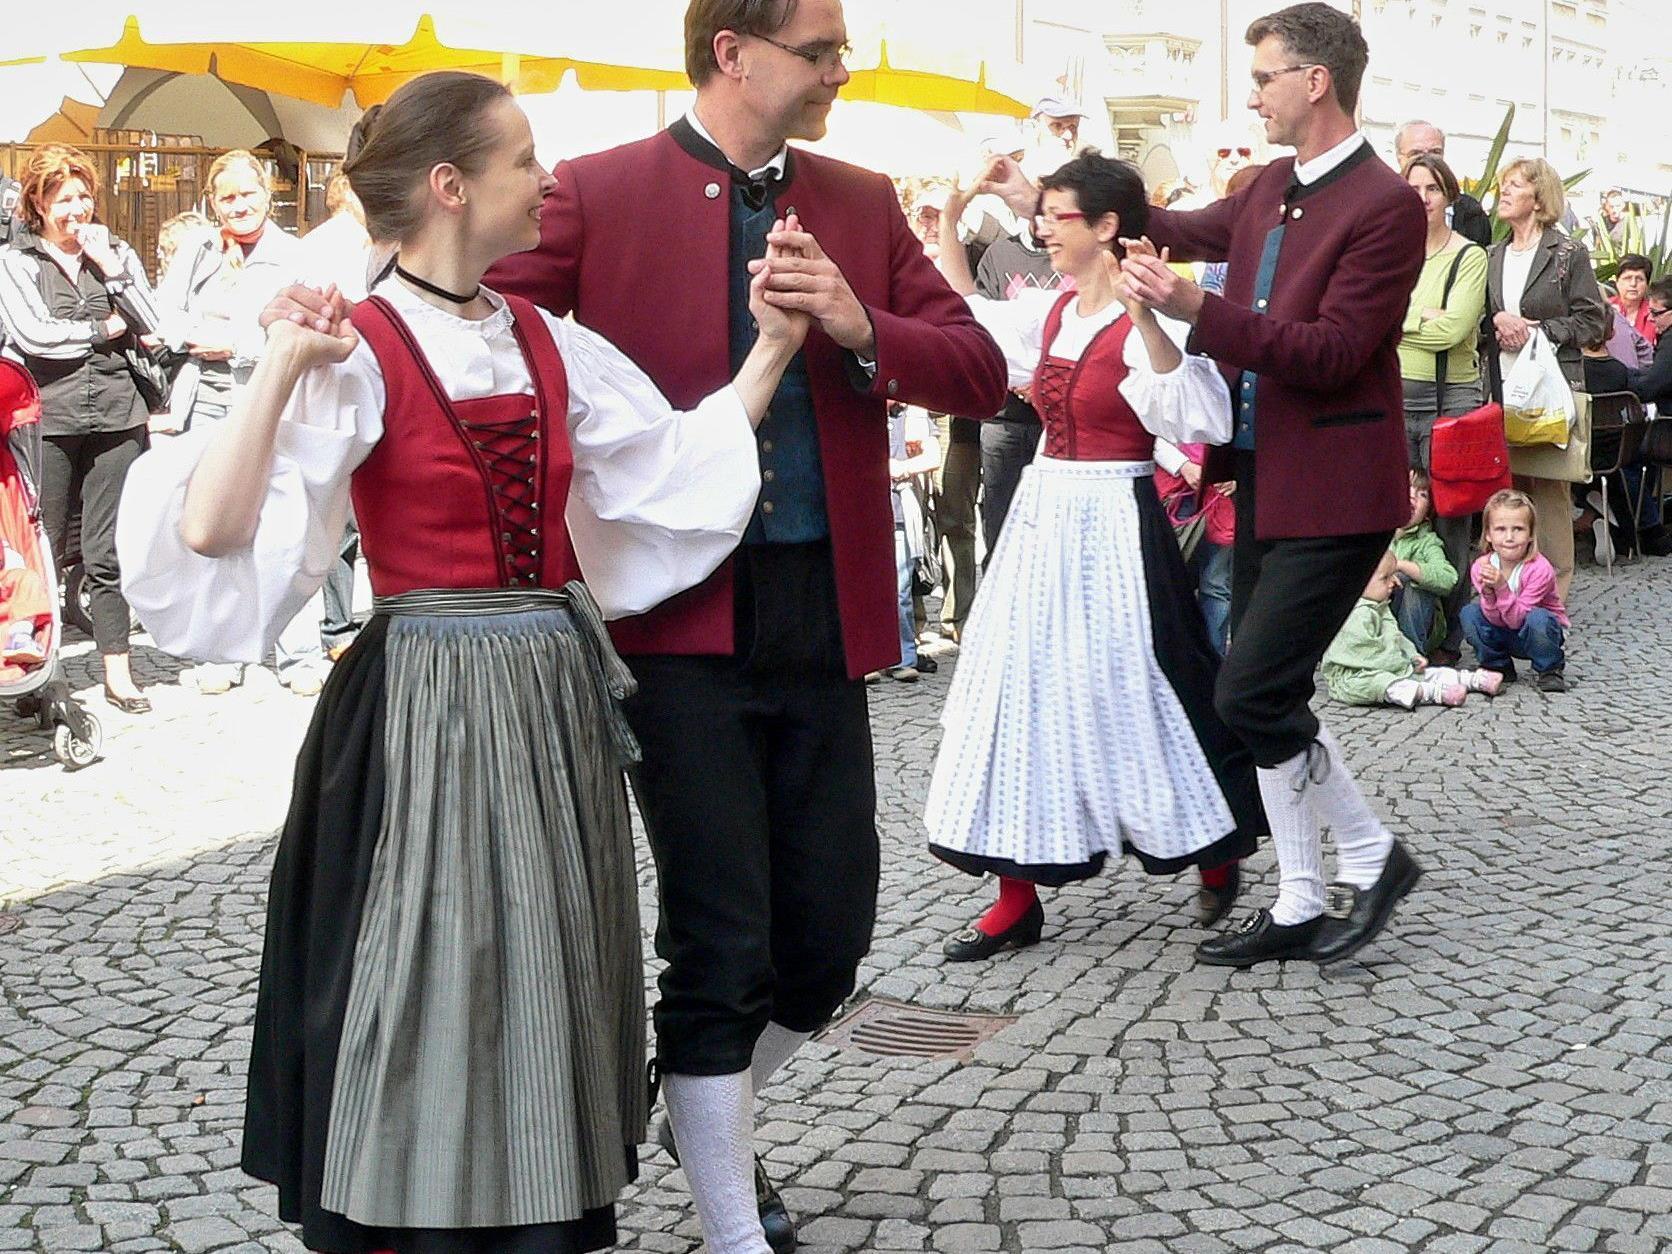 Auftanz der Trachtengruppe Feldkirch am Samstag, 26. Mai in der Feldkircher Marktgasse